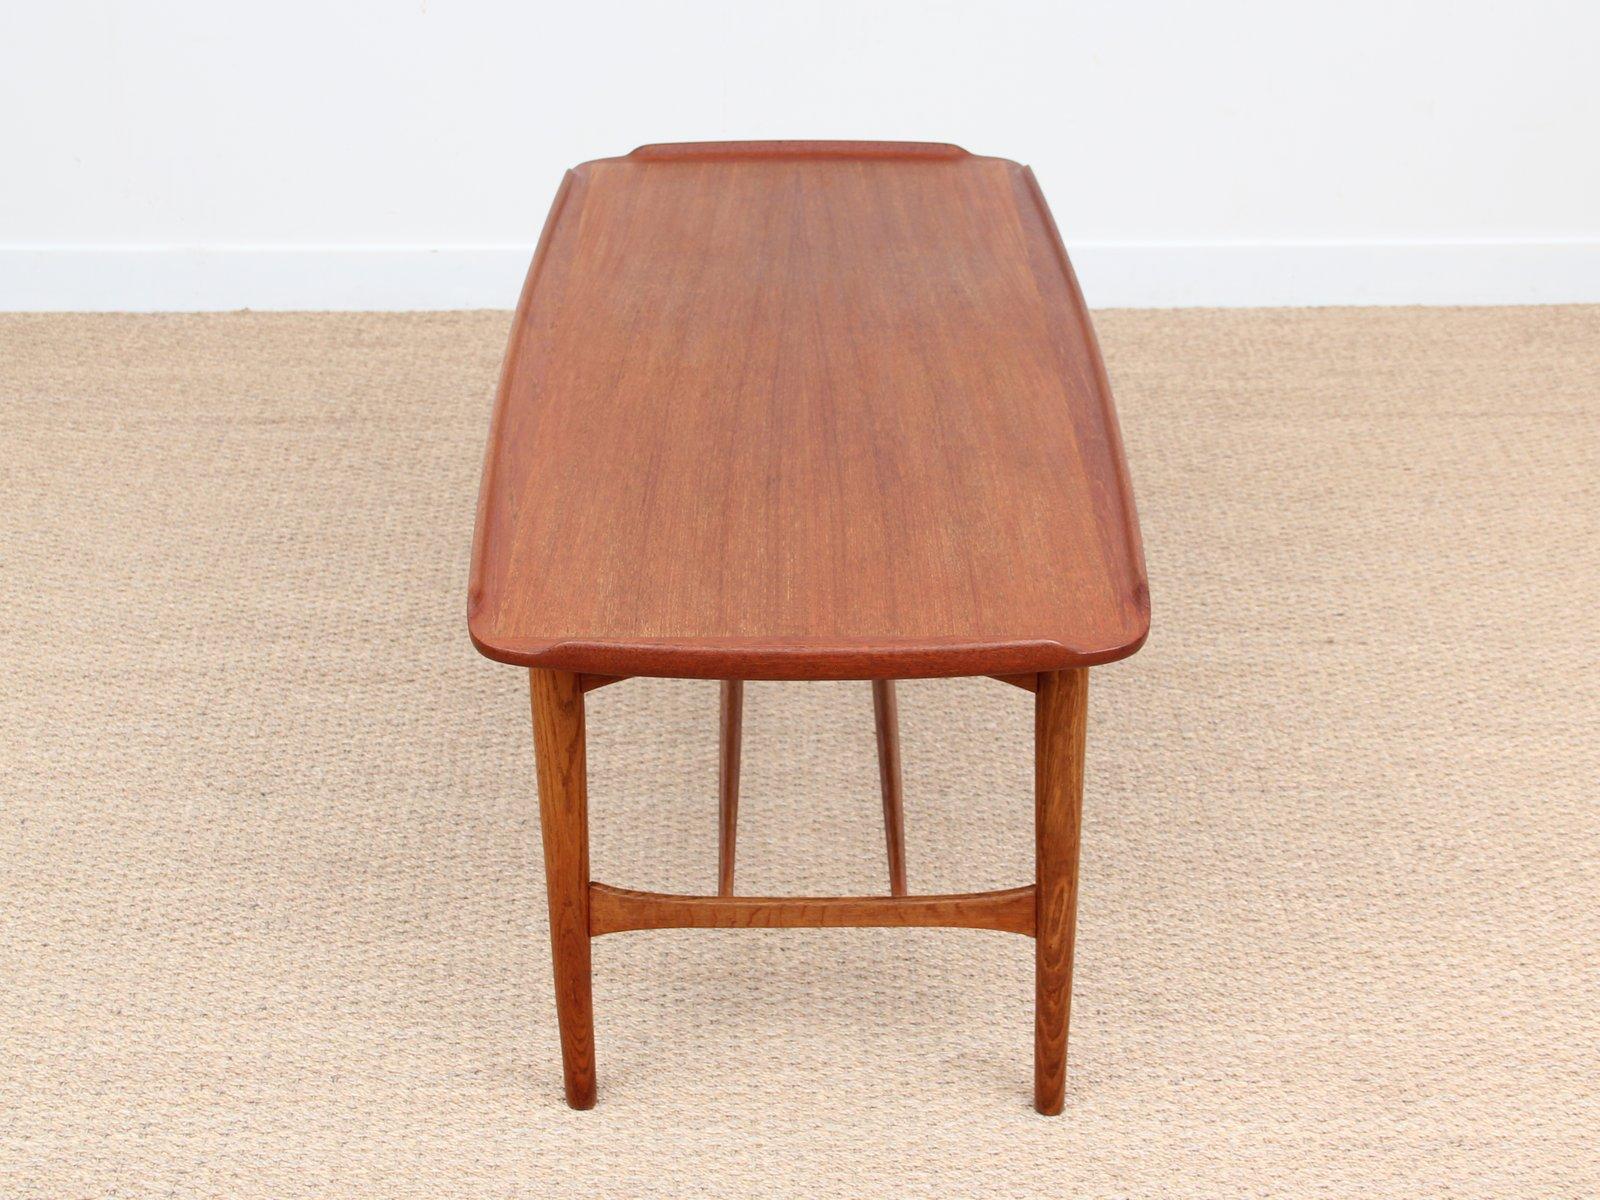 Table basse mid century en teck 1950s en vente sur pamono - Table basse en teck ...